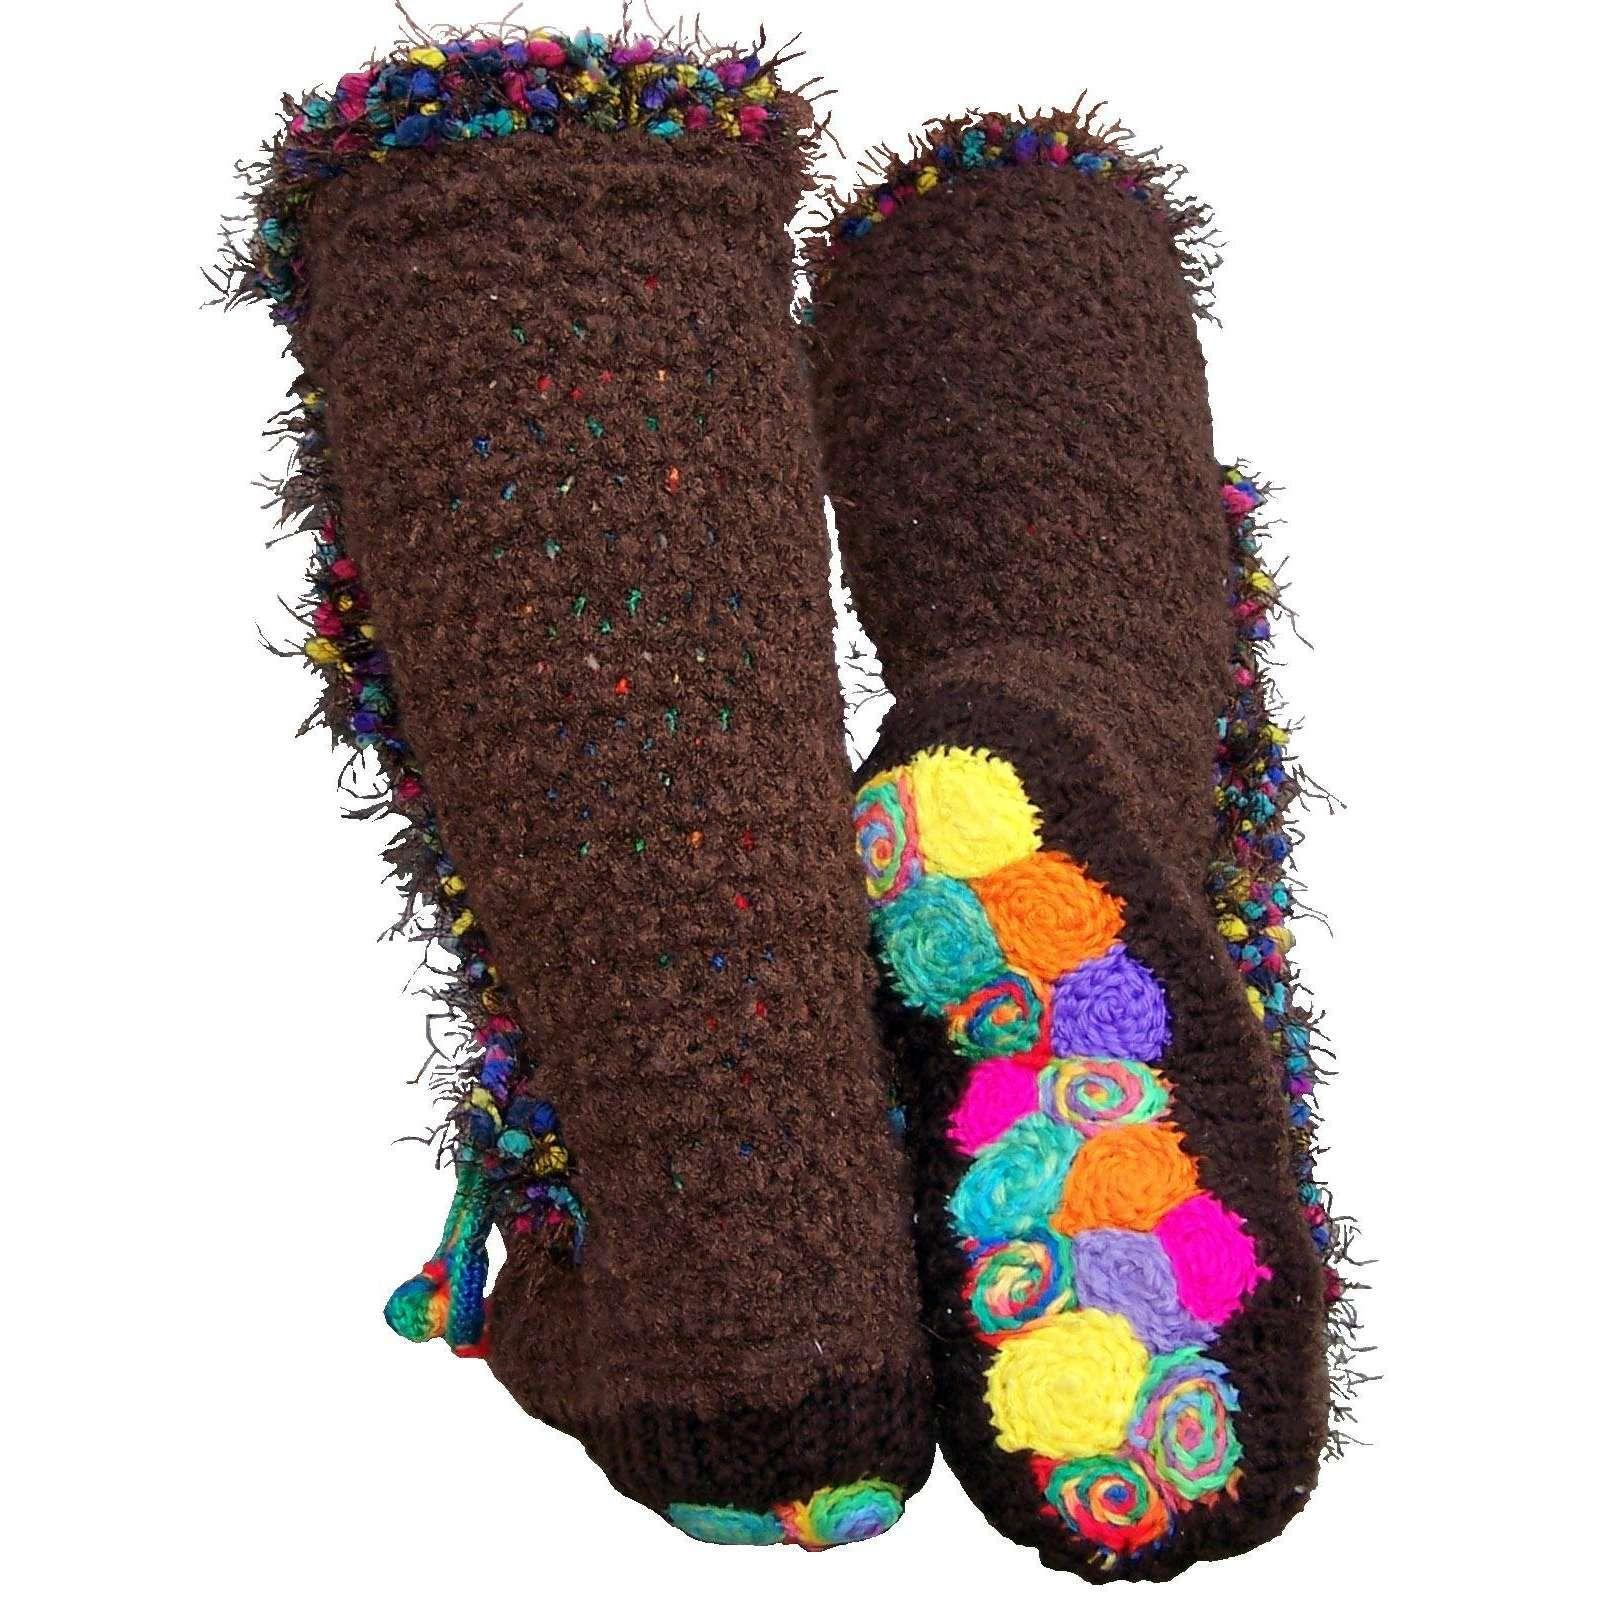 Free crochet mukluk pattern ravelry folksy slipper socks free crochet mukluk pattern ravelry folksy slipper socks crochet mukluk bootsmoccasins bankloansurffo Gallery